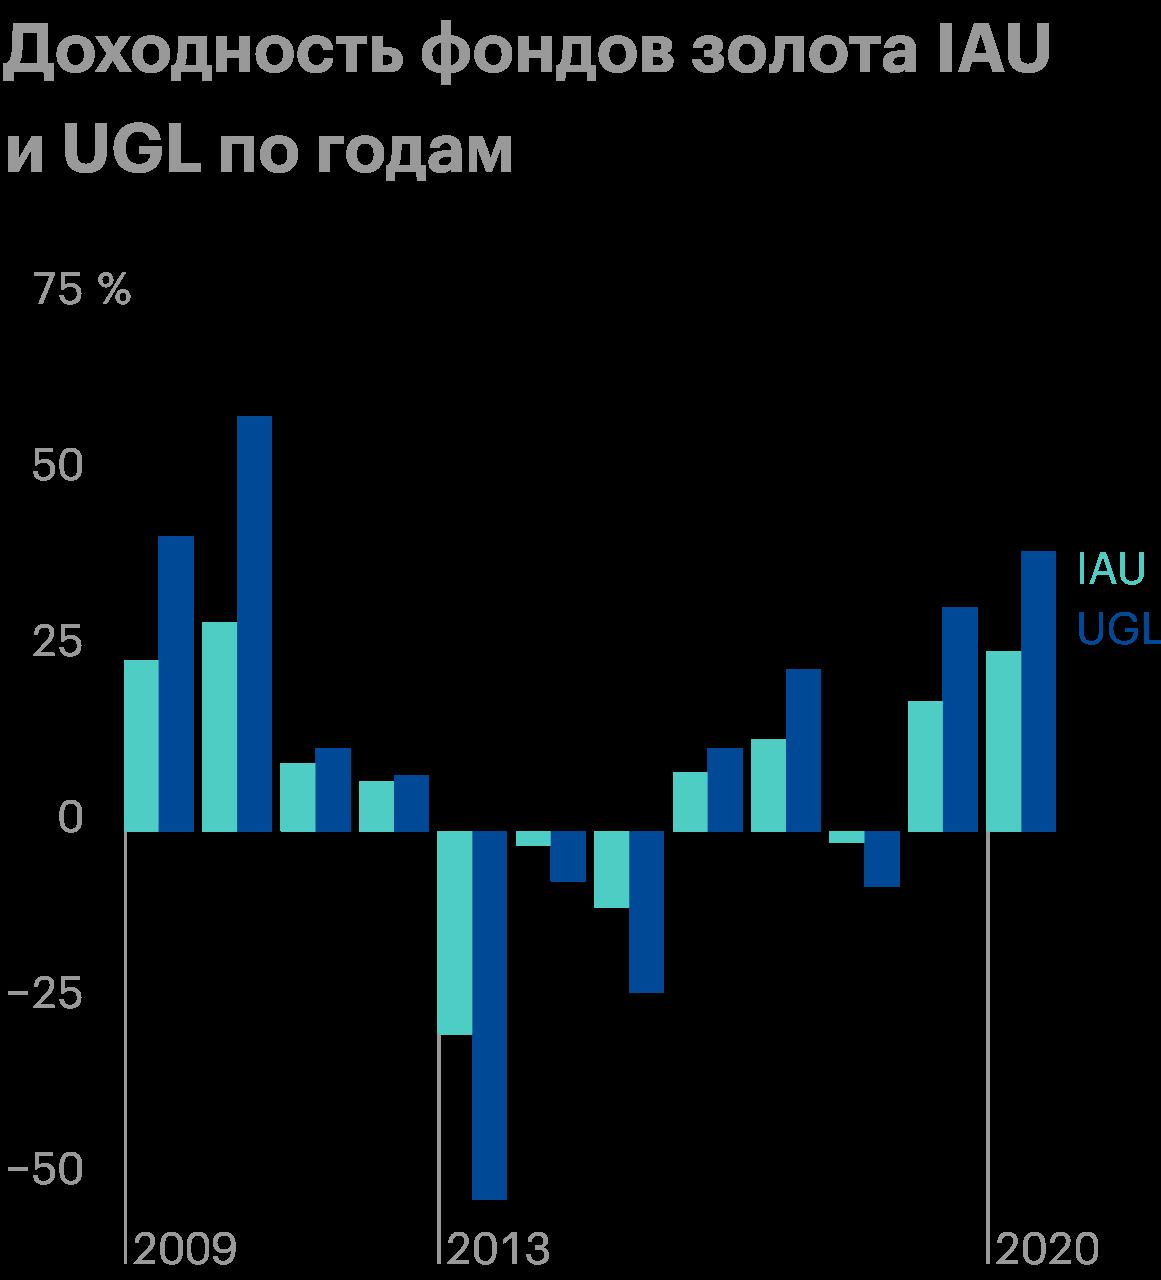 Не во все годы доходность фонда золота UGL, имеющего плечо х2, в двараза отличалась от доходности обычного фонда золота IAU. Например, по итогам 2012года результат был почти одинаковым, а в 2018году UGL упал в четыре раза сильнее. Источник: PortfolioVisualizer